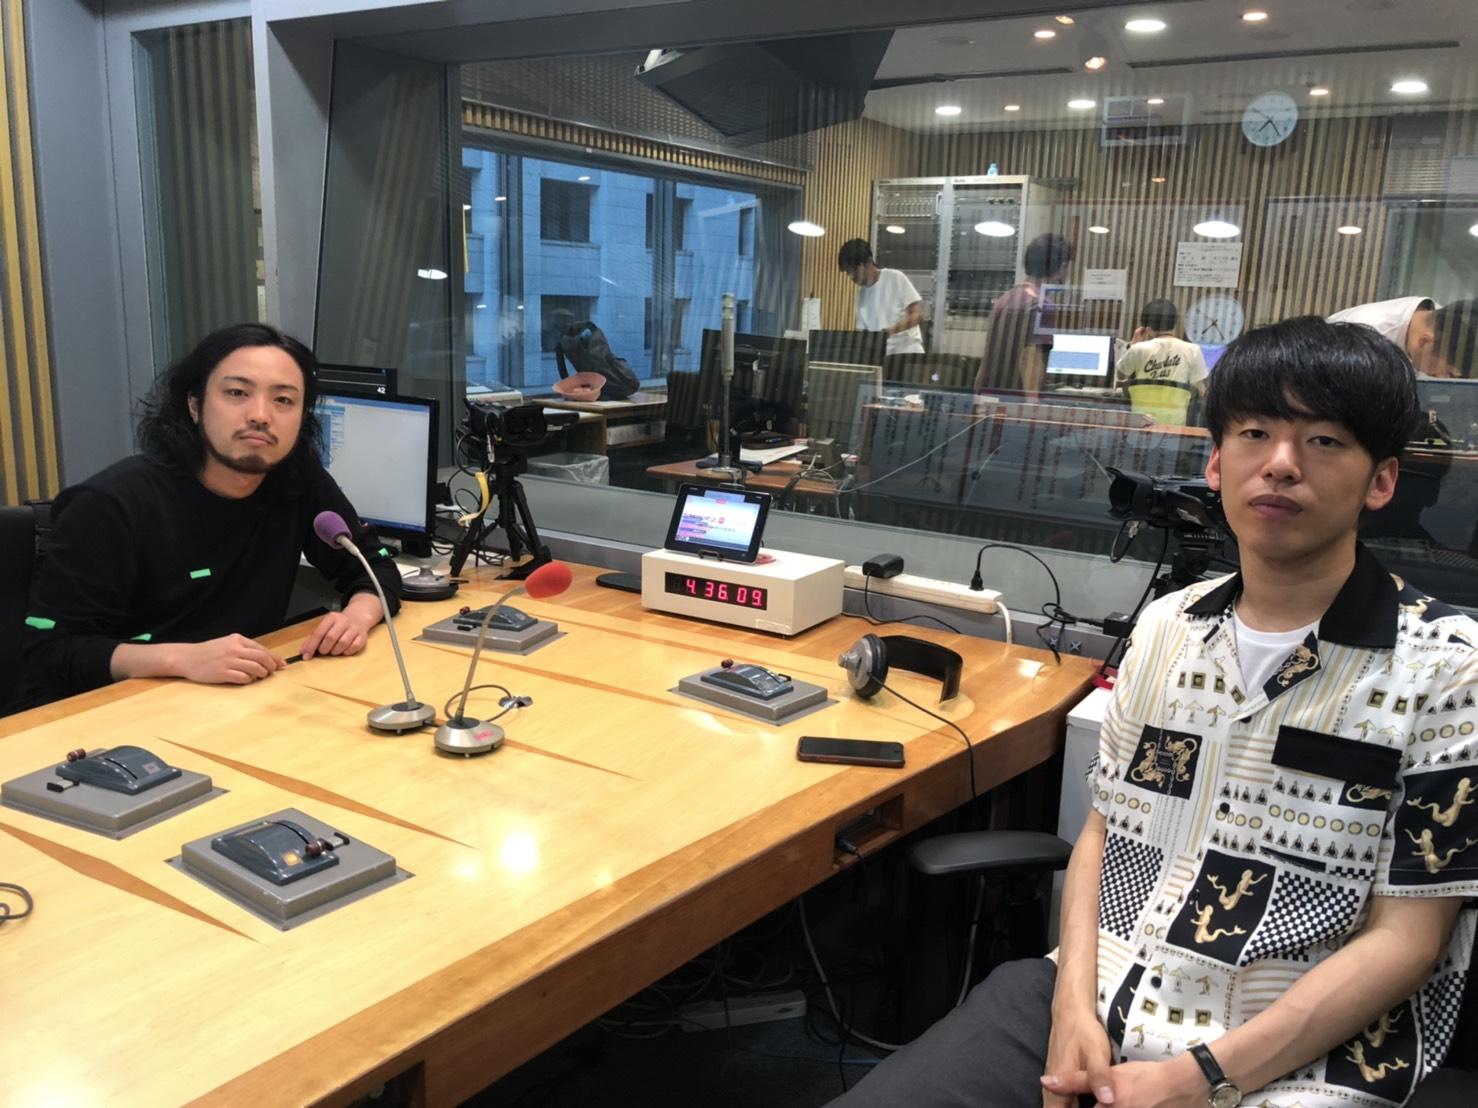 2019.06.18 ▶︎ #63 - オールナイトニッポン.com ラジオAM1242+FM93 ...